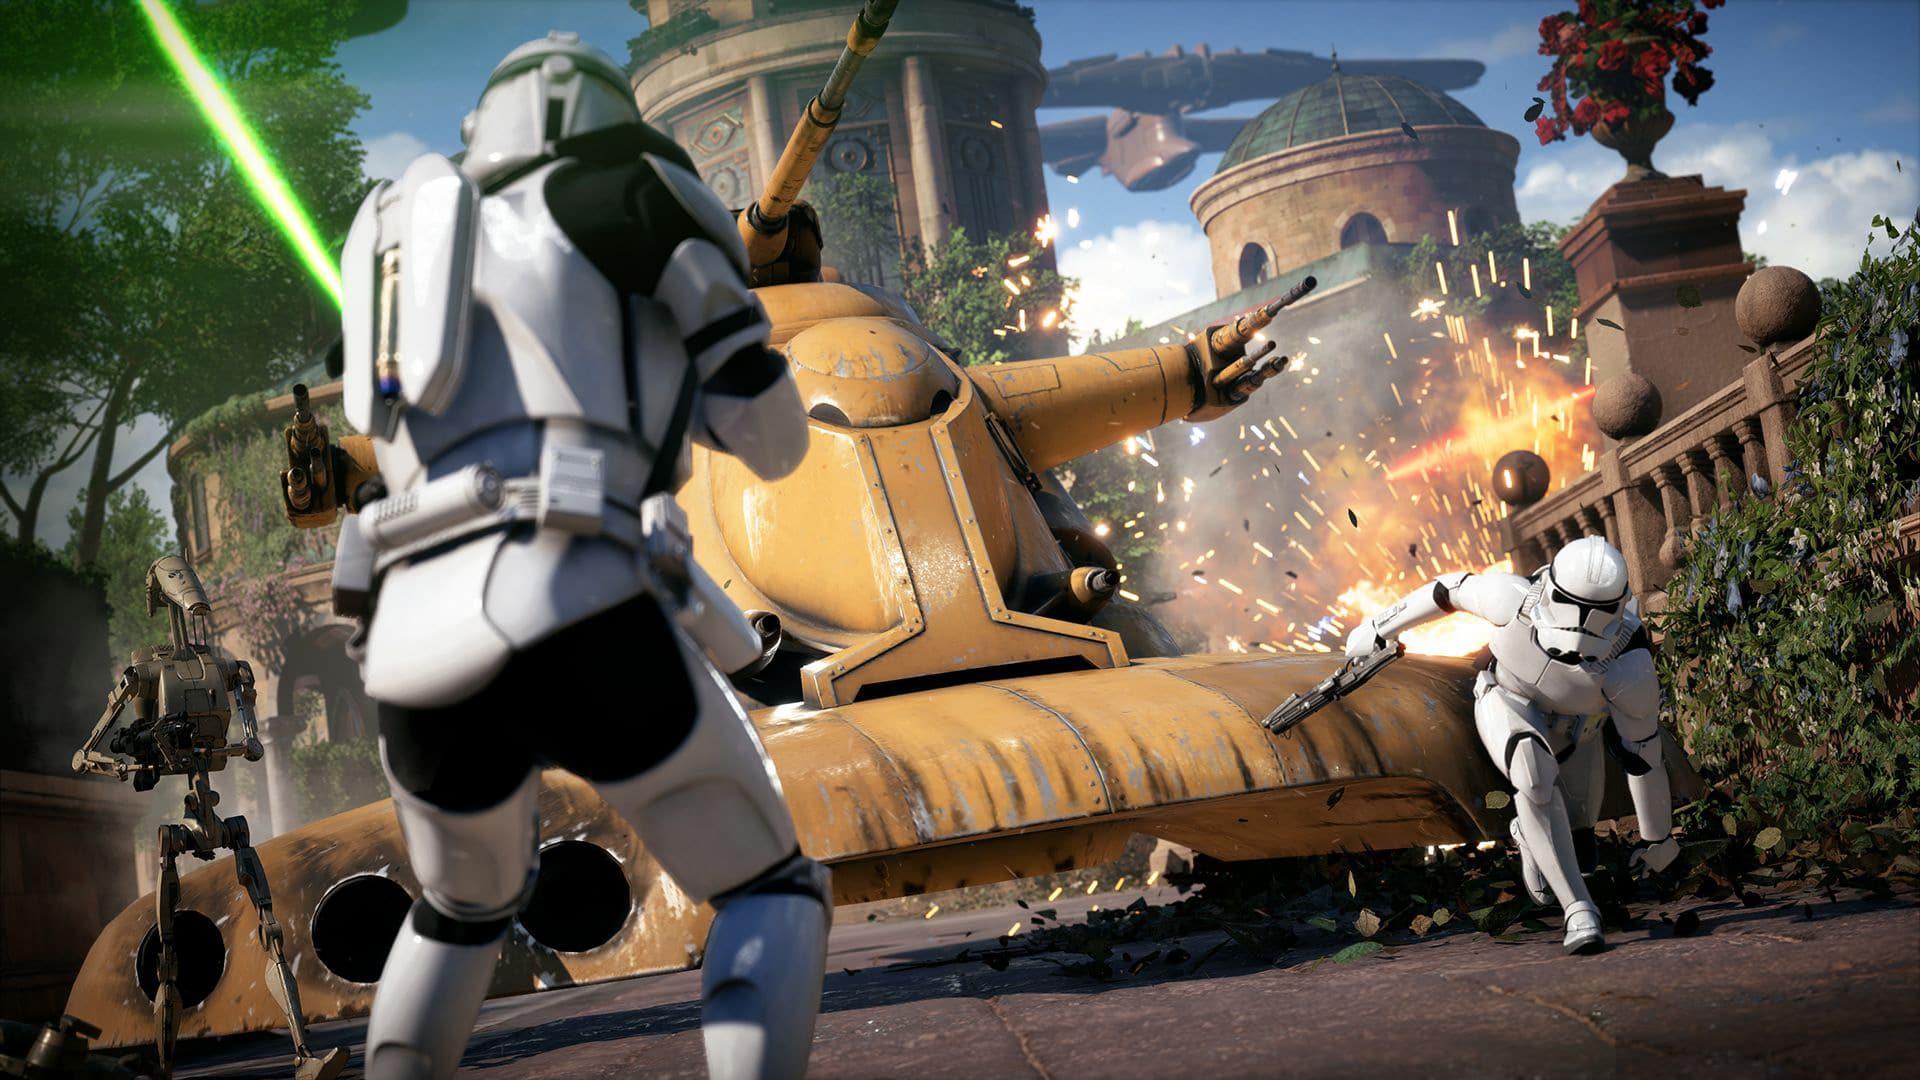 Star Wars Battlefront 2 Down Servers Error 721 For October 12